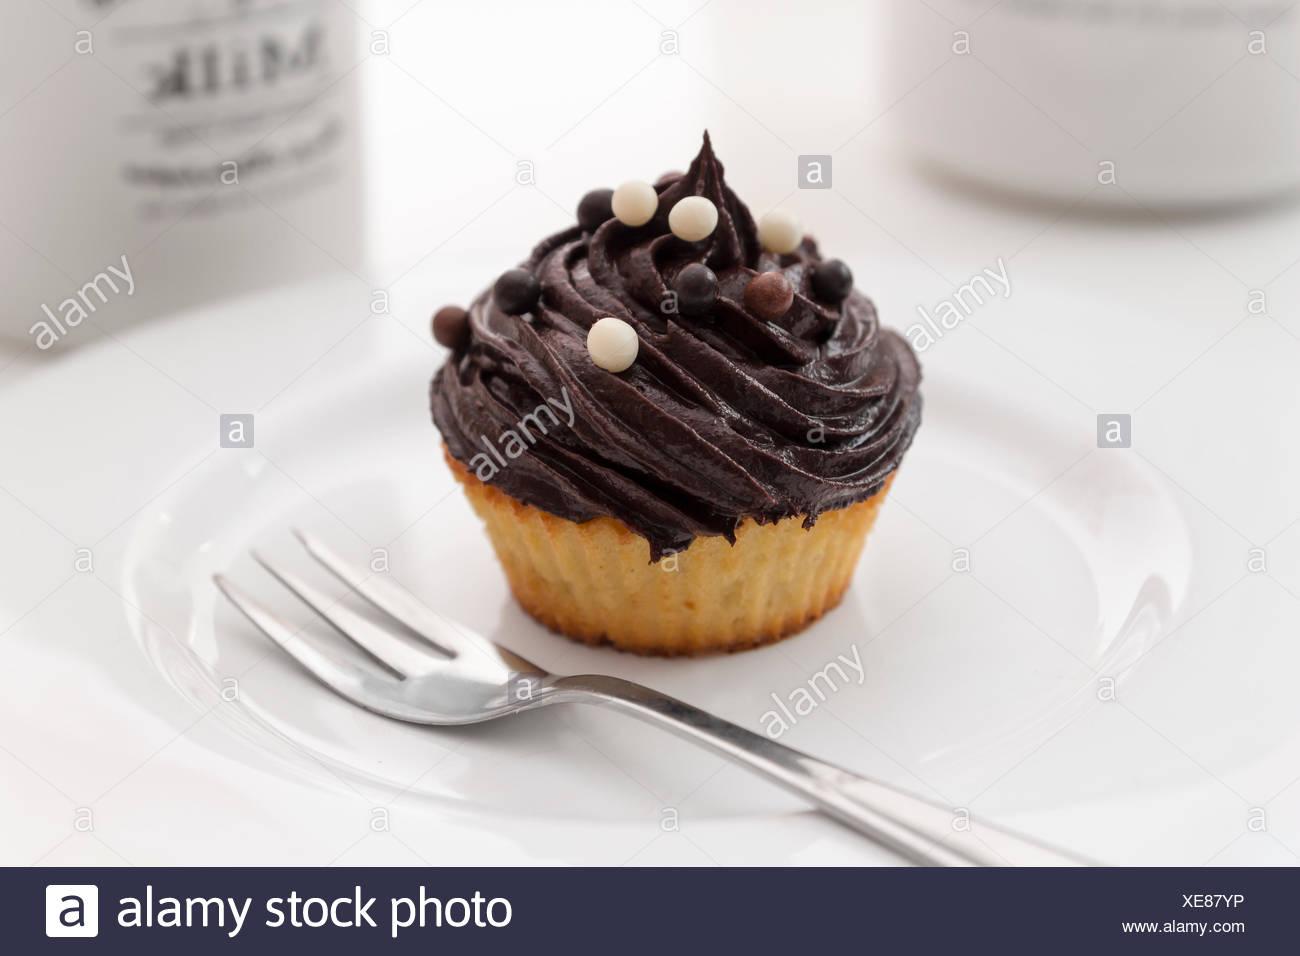 Kuchen Torte Kuchen Backen Kuchen Begeisterung Belustigung